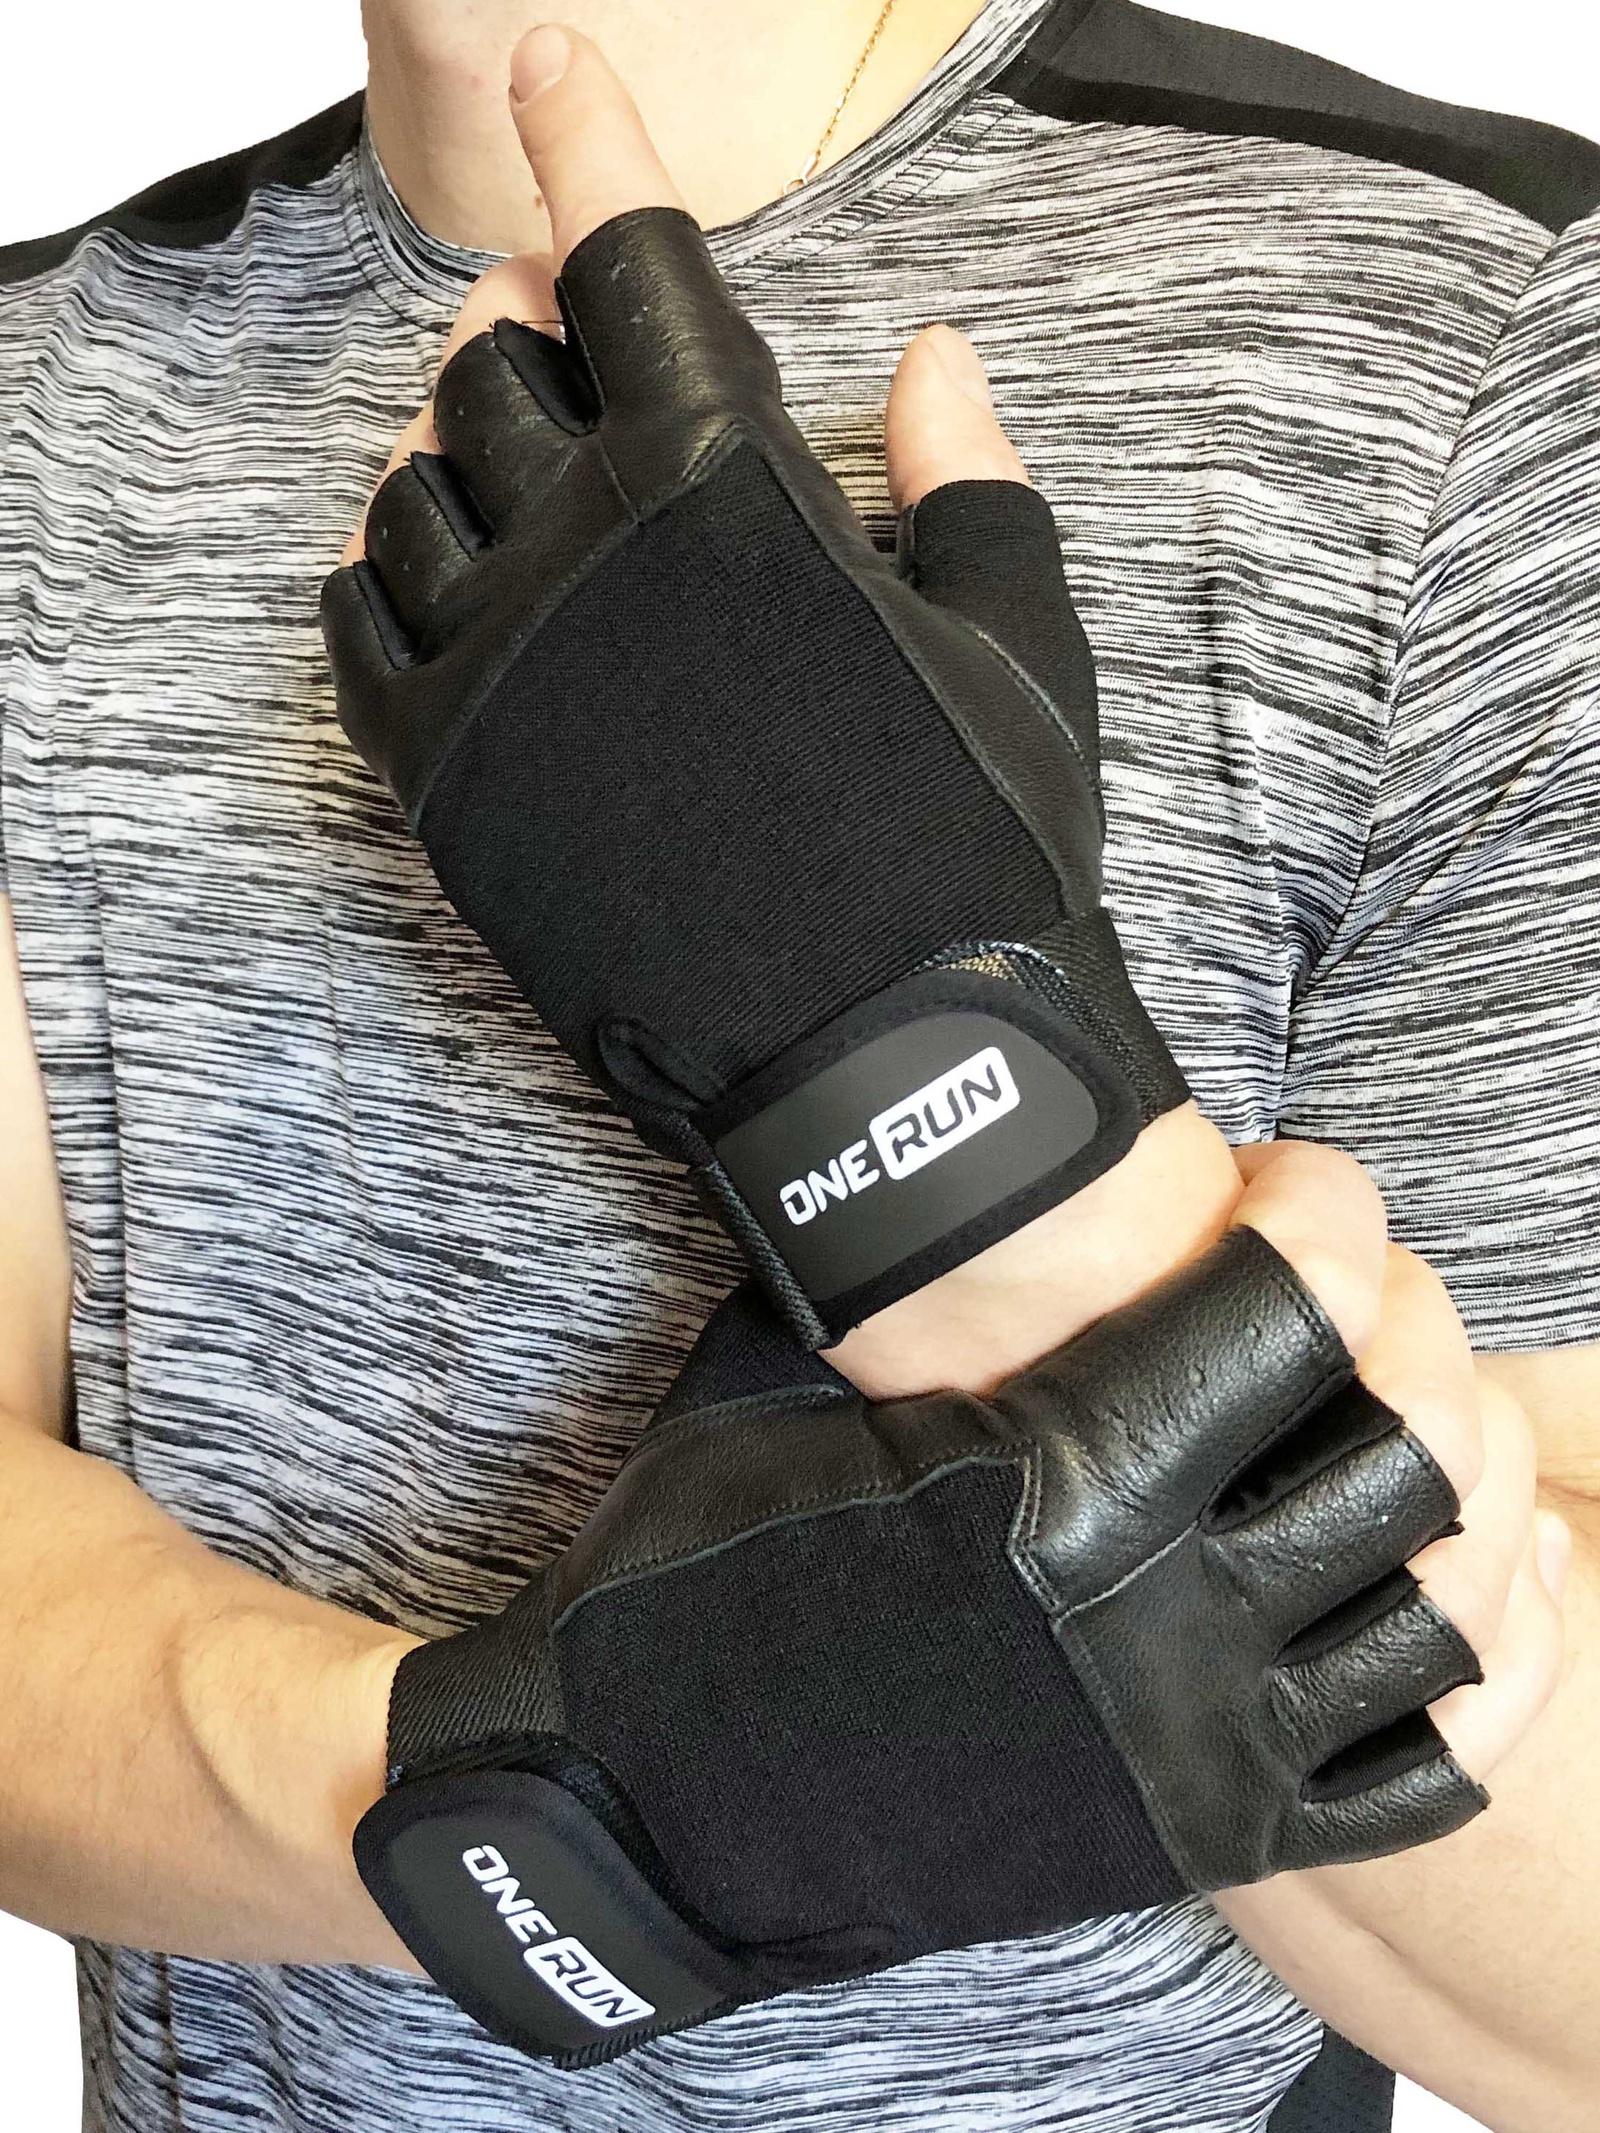 Перчатки для фитнеса OneRun цвет черный, размер L перчатки рабочие кожа спандекс l